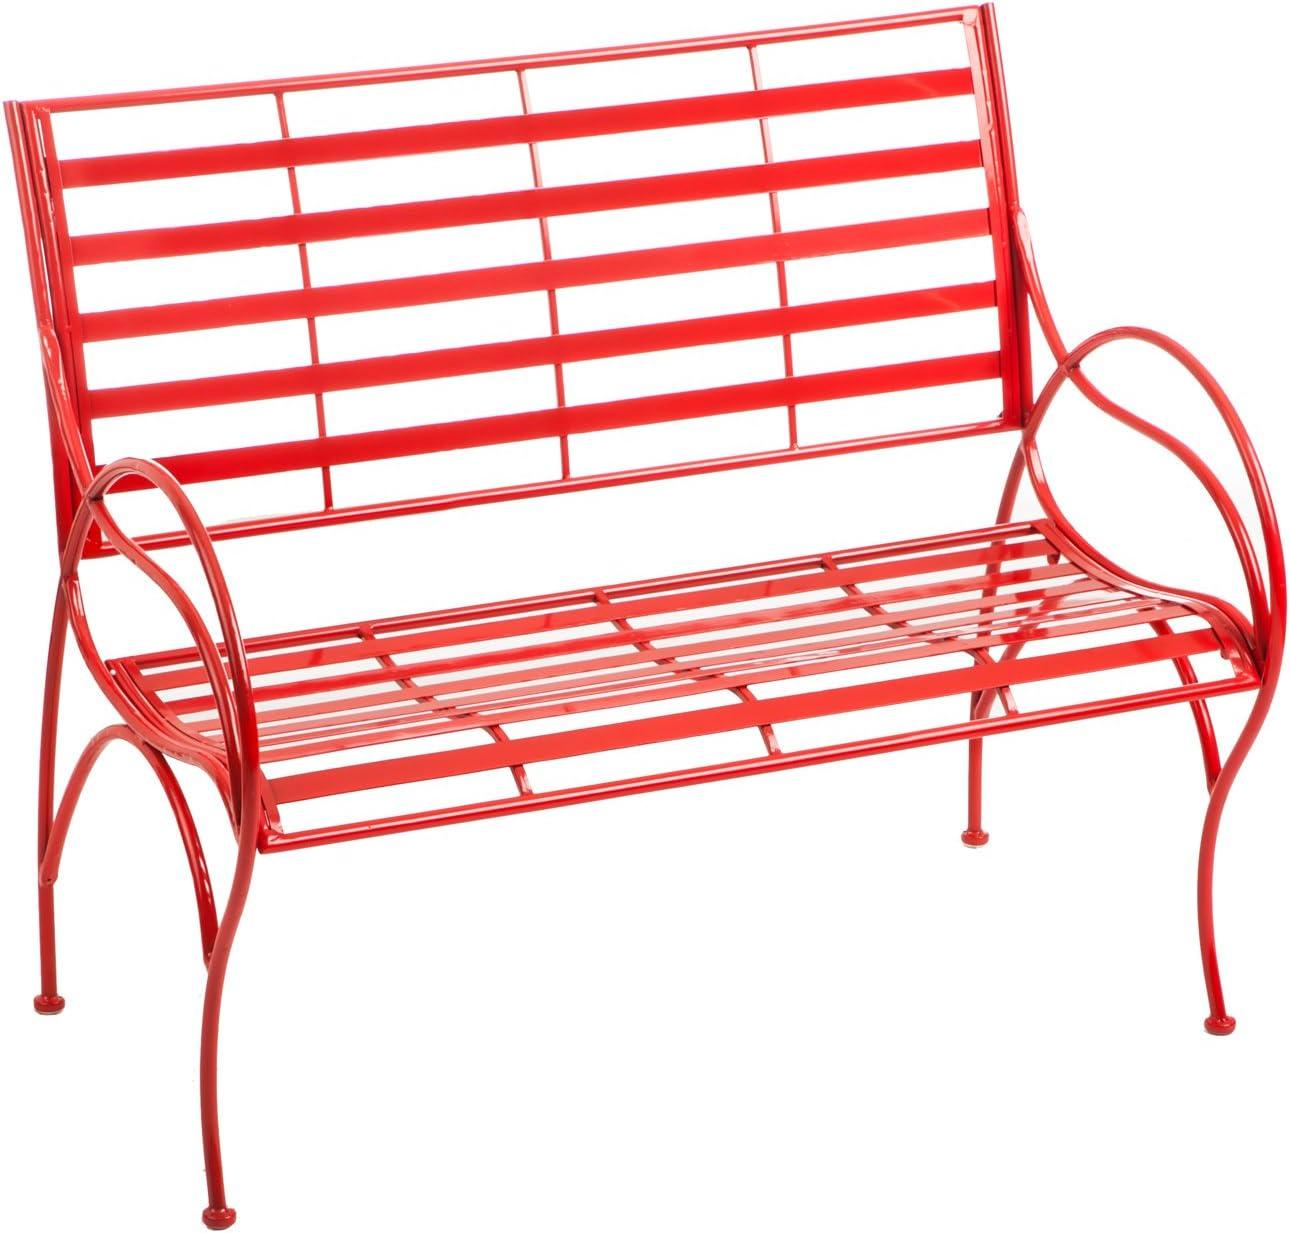 Cape Craftsmen Red Swirl Picnic Outdoor Safe Iron Garden Bench